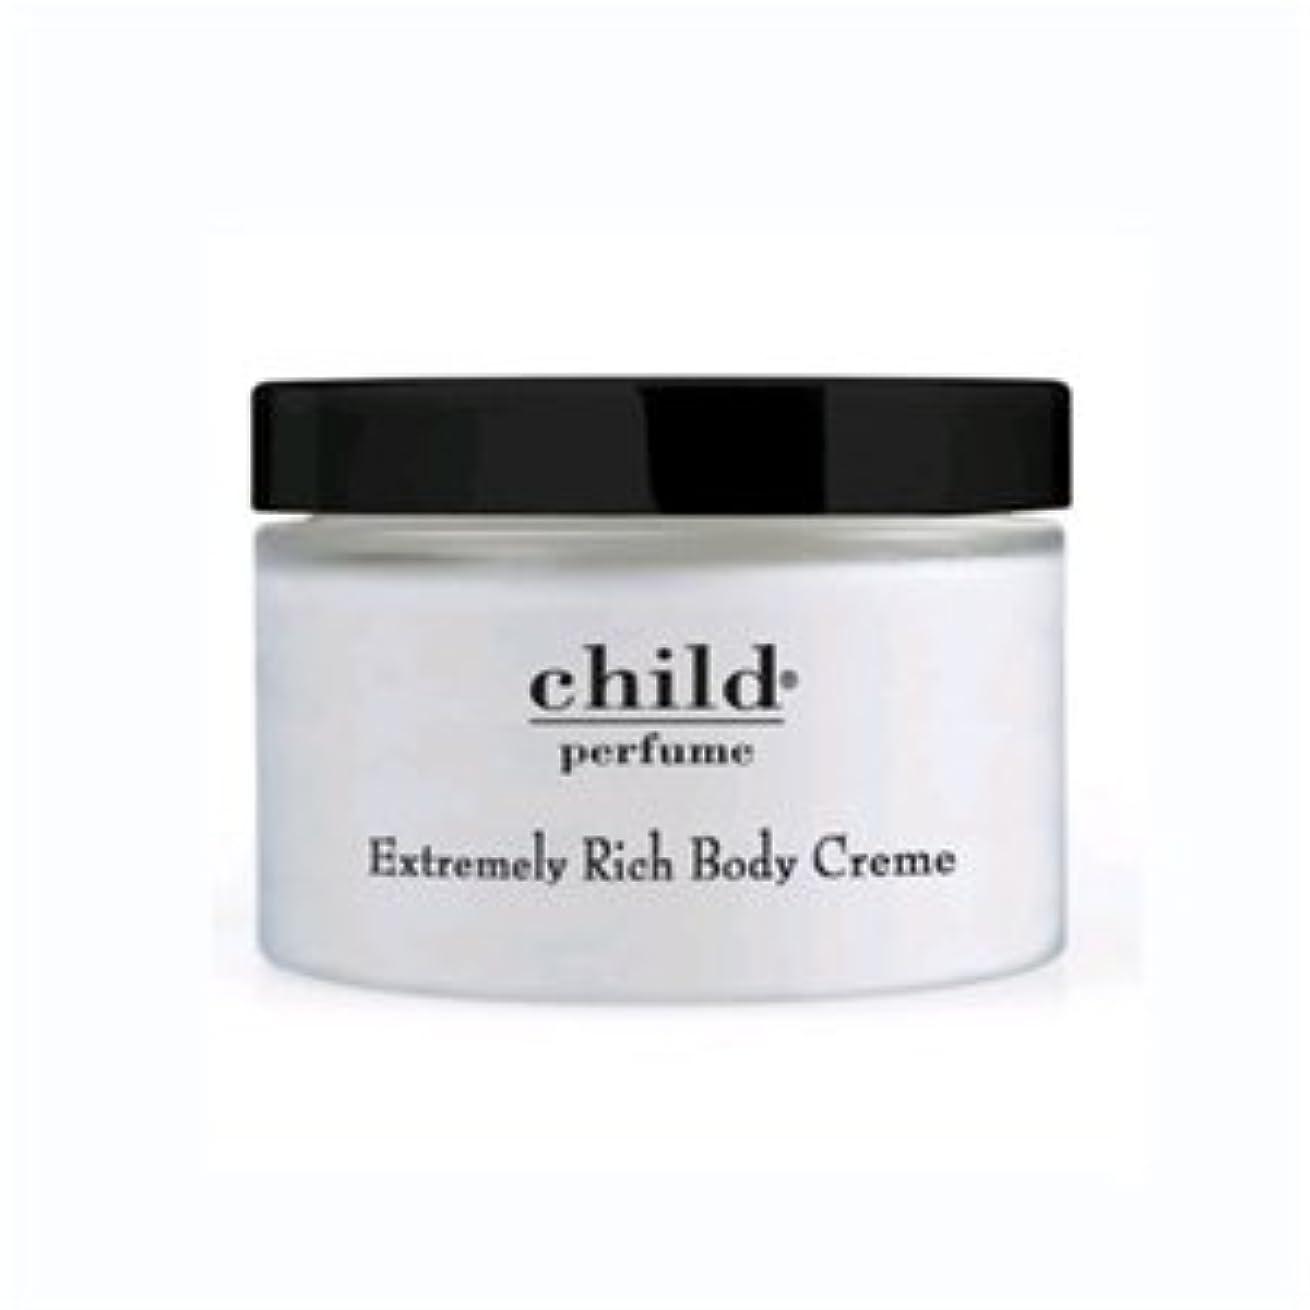 によって森寂しいChild Extremely Rich Body Creme (チャイルド エクストリームリーリッチ ボディークリーム) 8.0 oz (240ml) by Child for Women